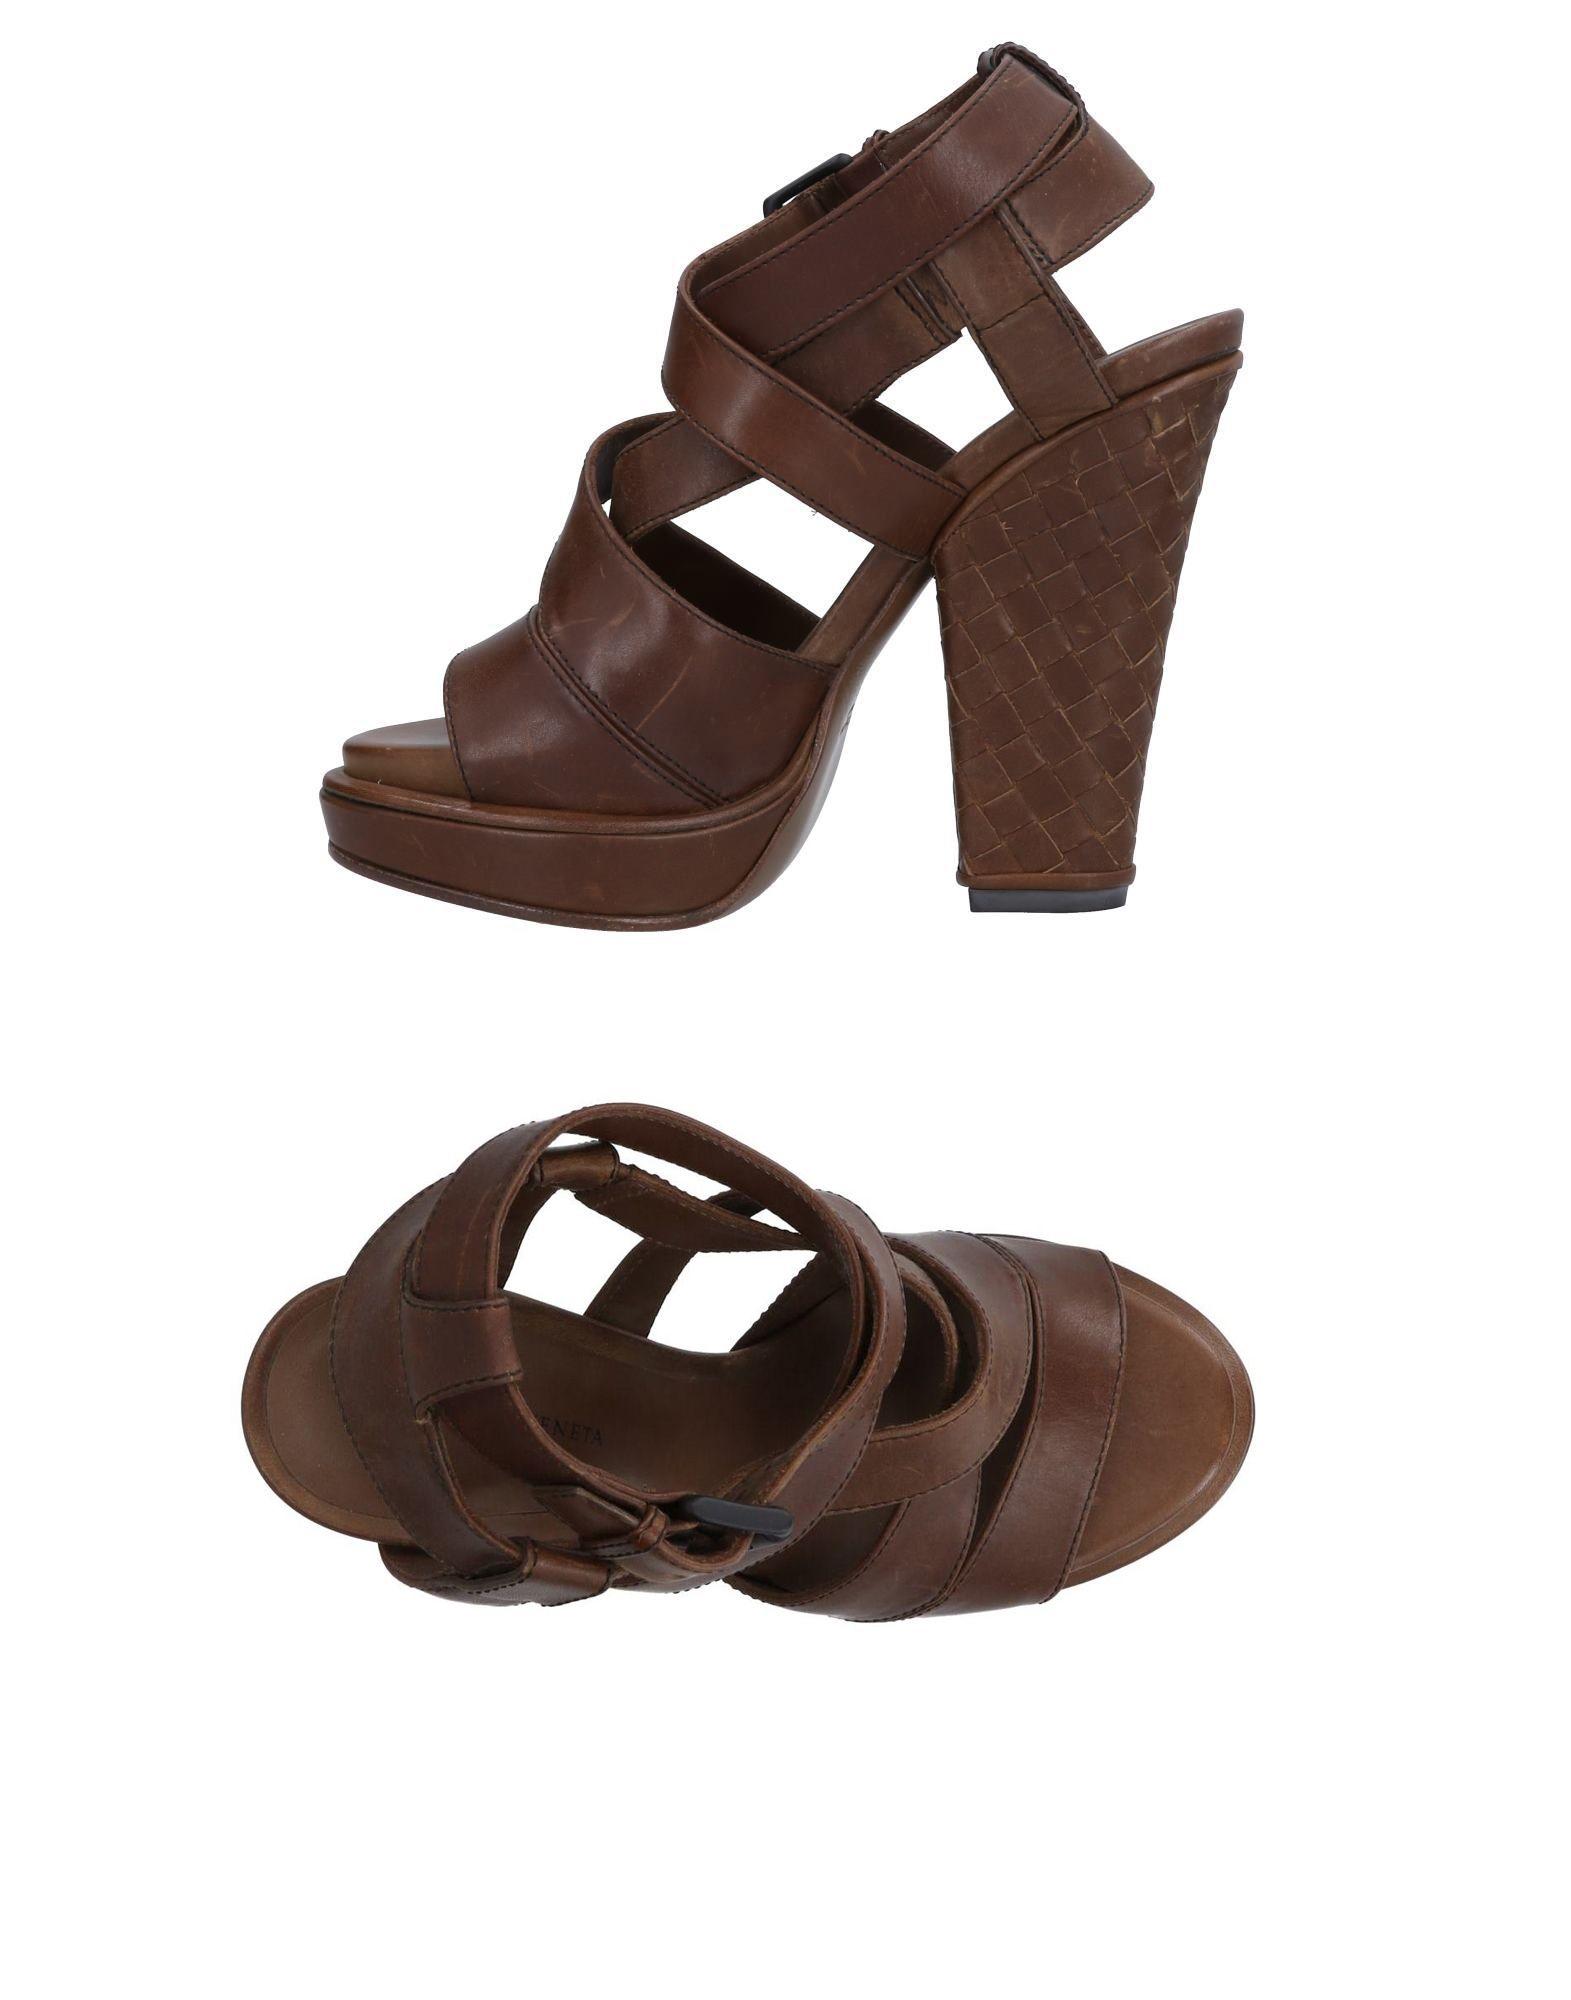 Bottega Veneta Sandalen Damen  11498947JAGut aussehende strapazierfähige Schuhe